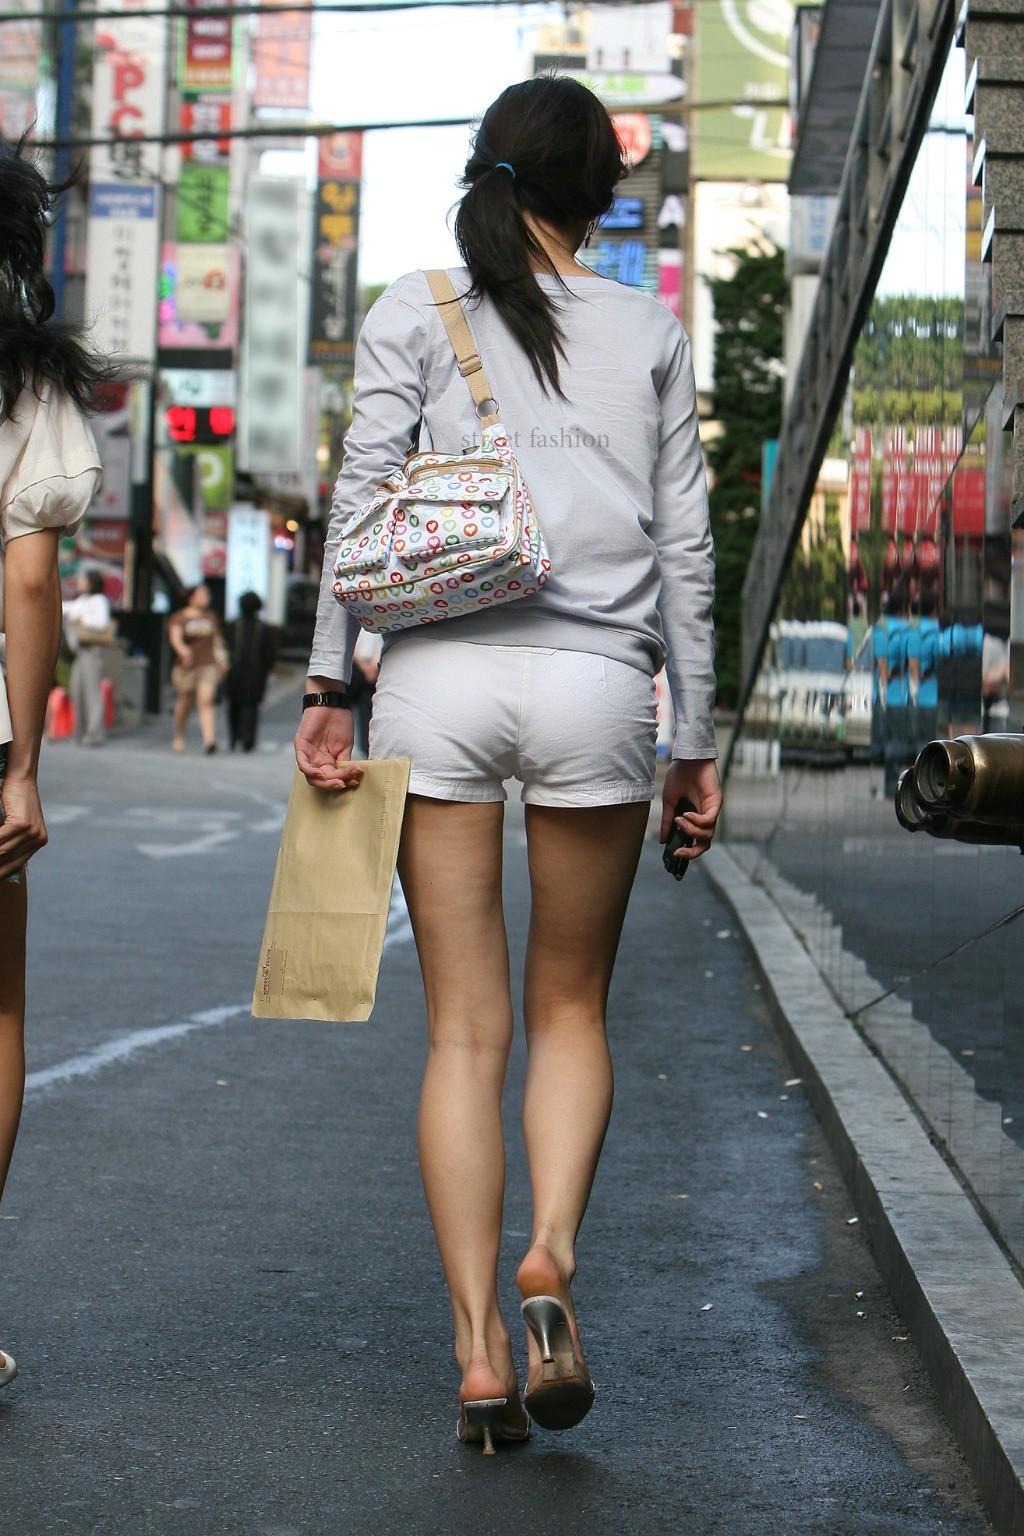 際どいファッションで街中を歩く半露出狂の韓国女性たち(画像25枚)・24枚目